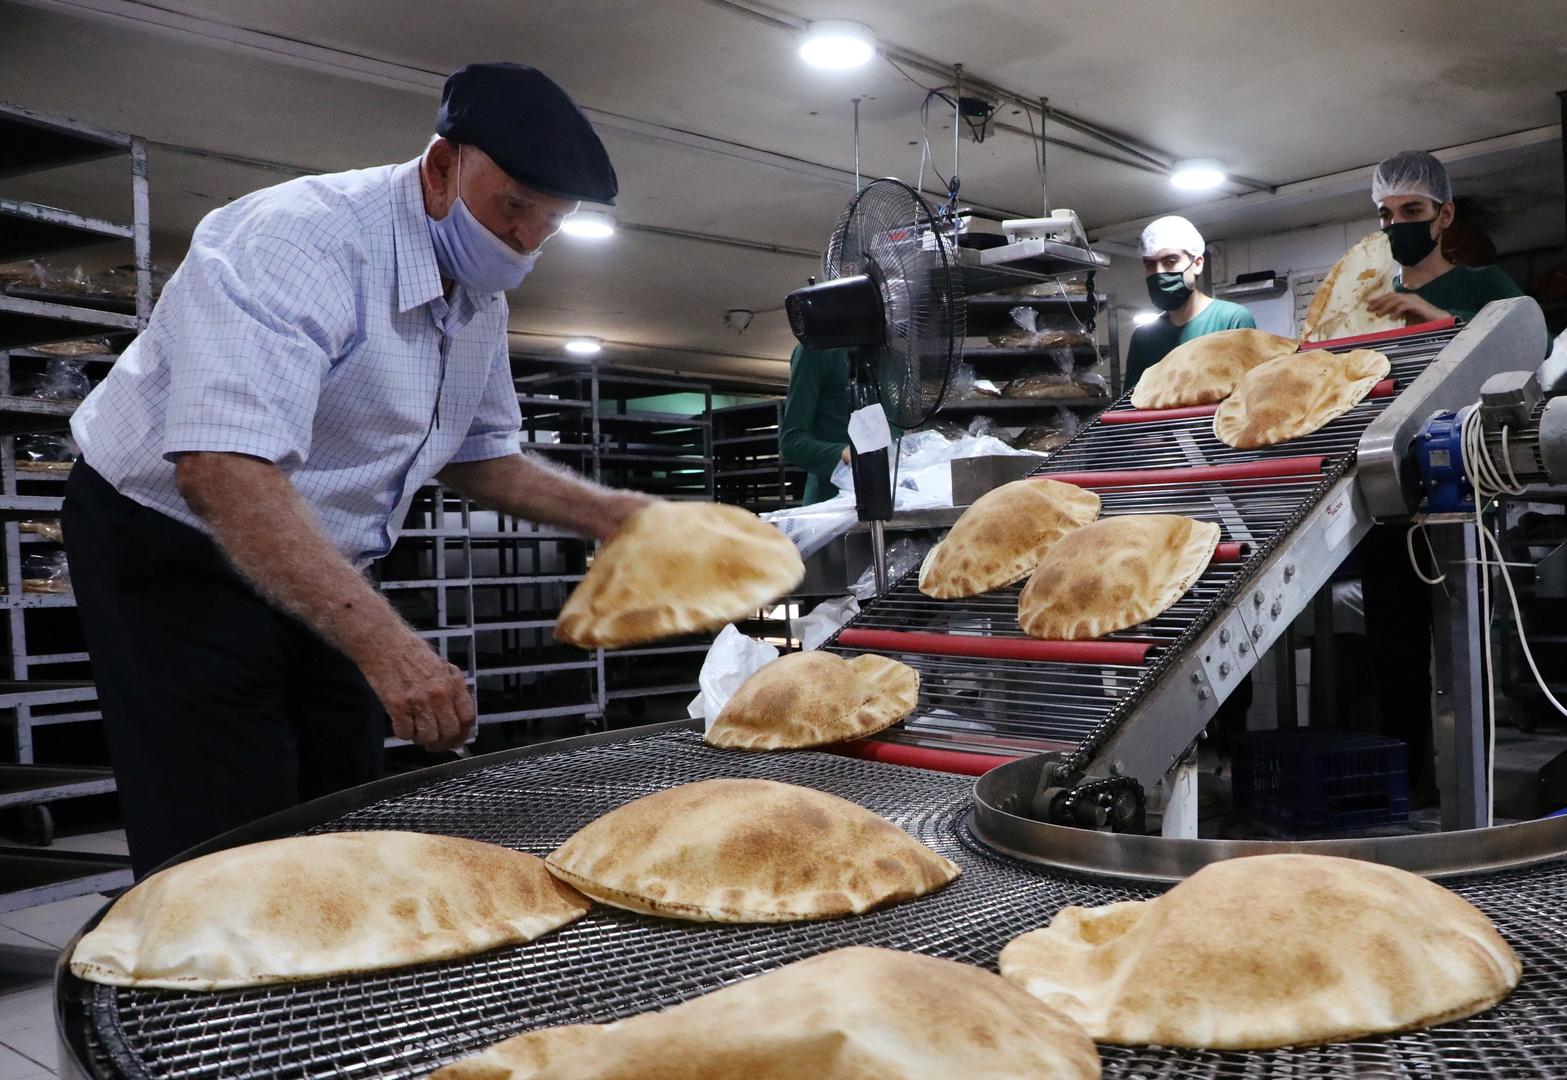 للمرة السادسة هذا العام.. الحكومة اللبنانية ترفع سعر الخبز